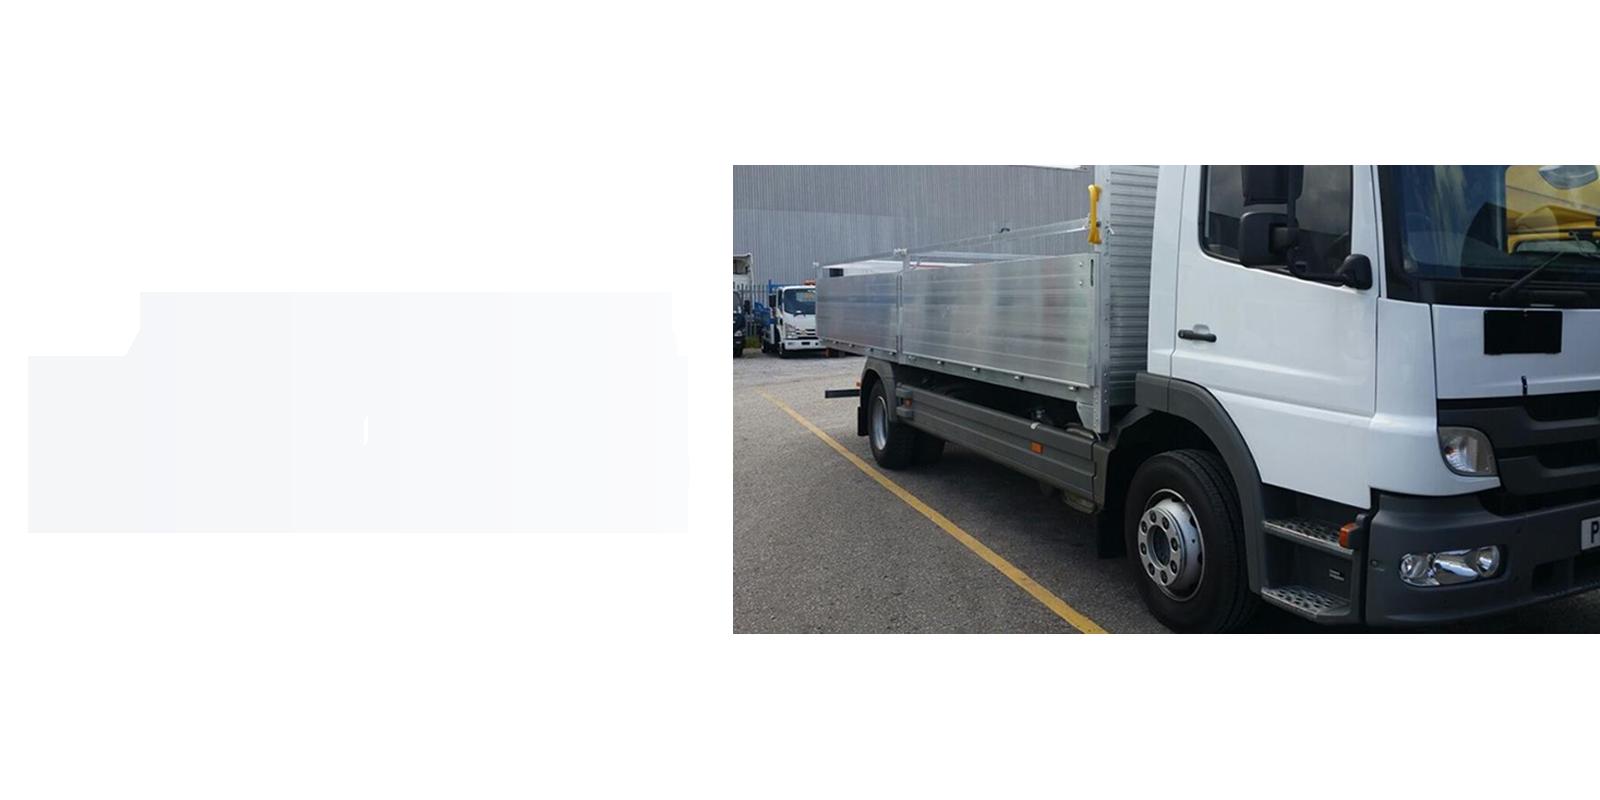 AV Bodies dropside white van